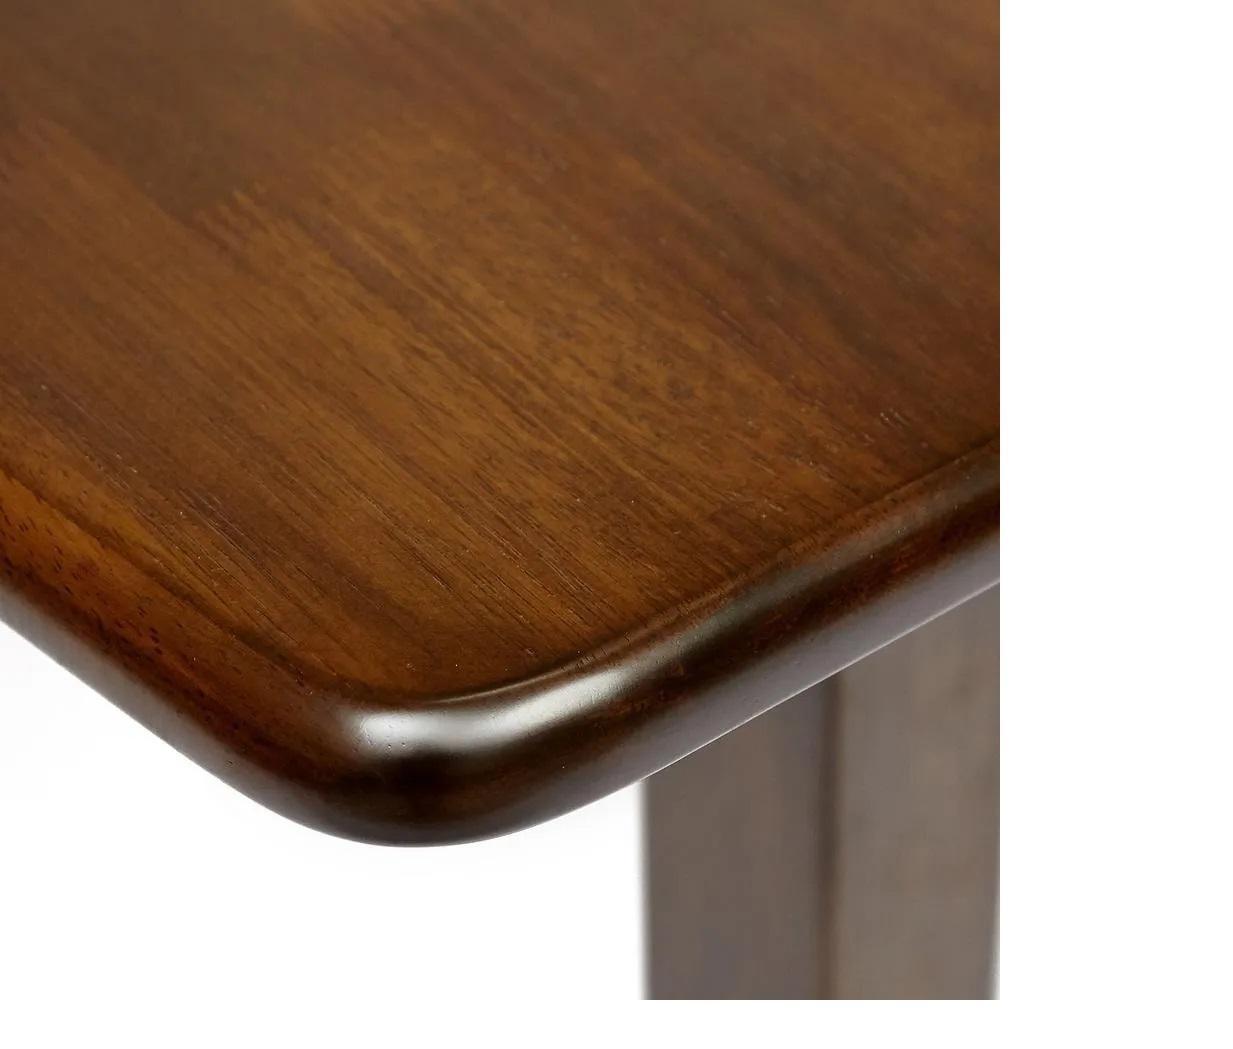 Обеденный стол TEMPIO (mod. F-SR3220VD W4) дерево гевея/мдф, 52.5×80(80×105)x76см, walnut (орех) (13480)